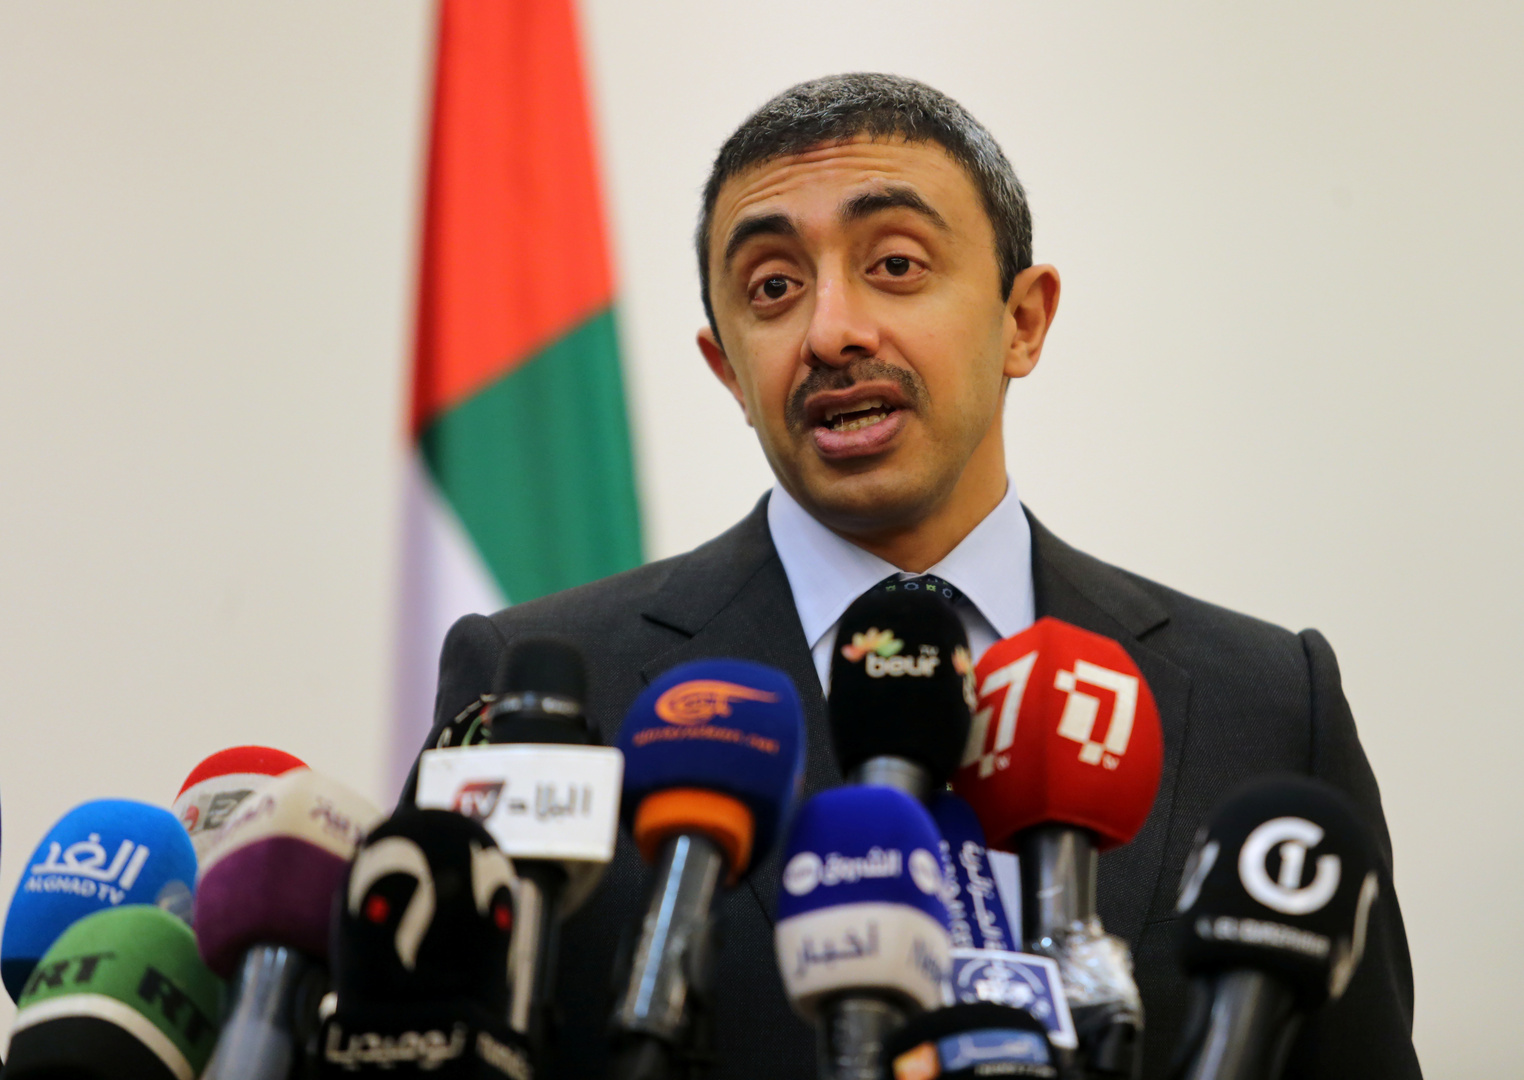 وزير الخارجية الإماراتي، عبدالله بن زايد آل نهيان.